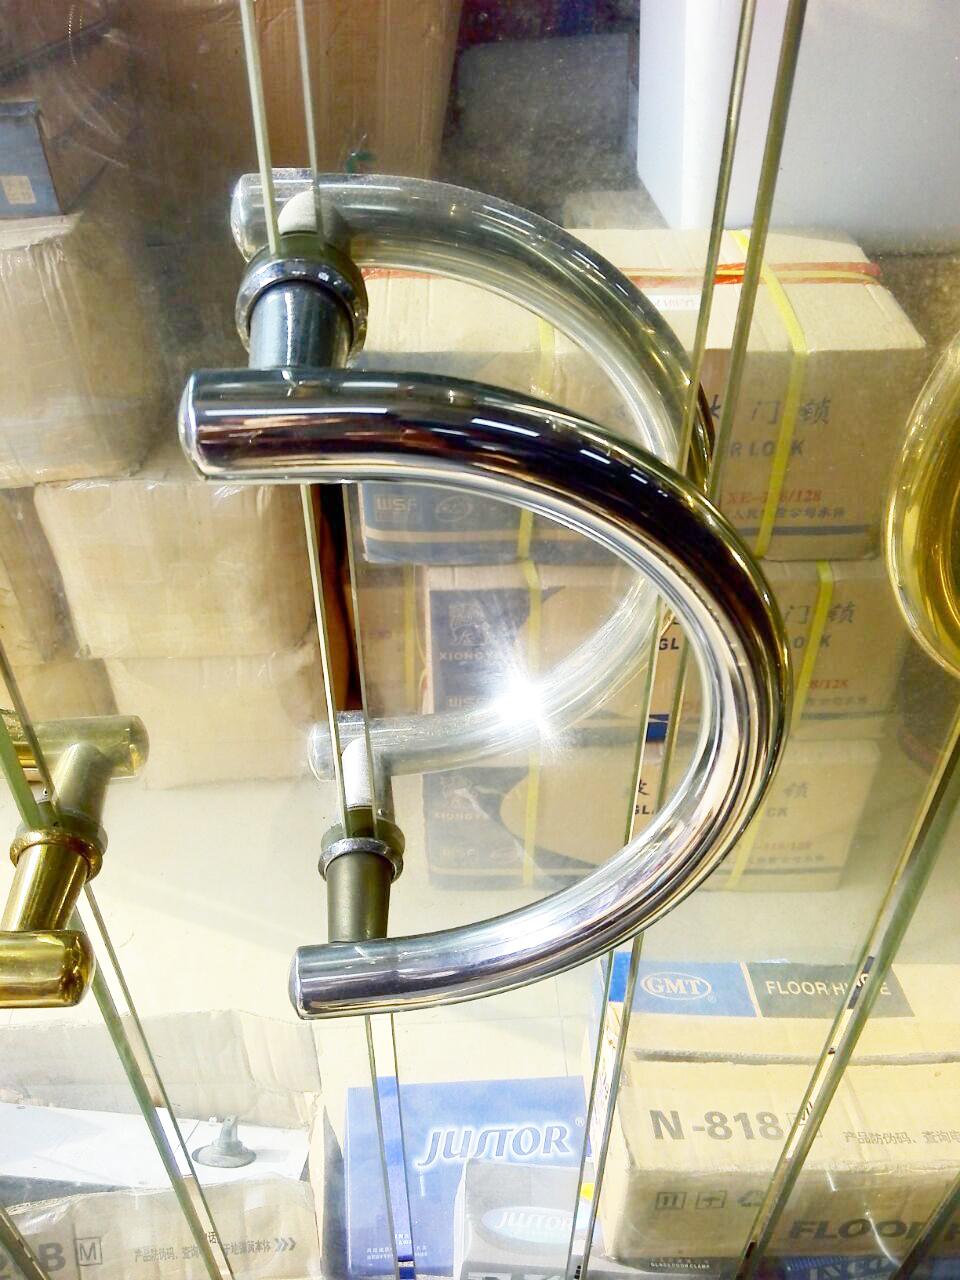 DLS-23 Semi-circular glass door handles stainless steel handle large semi-circular handle size 23cm от Aliexpress INT